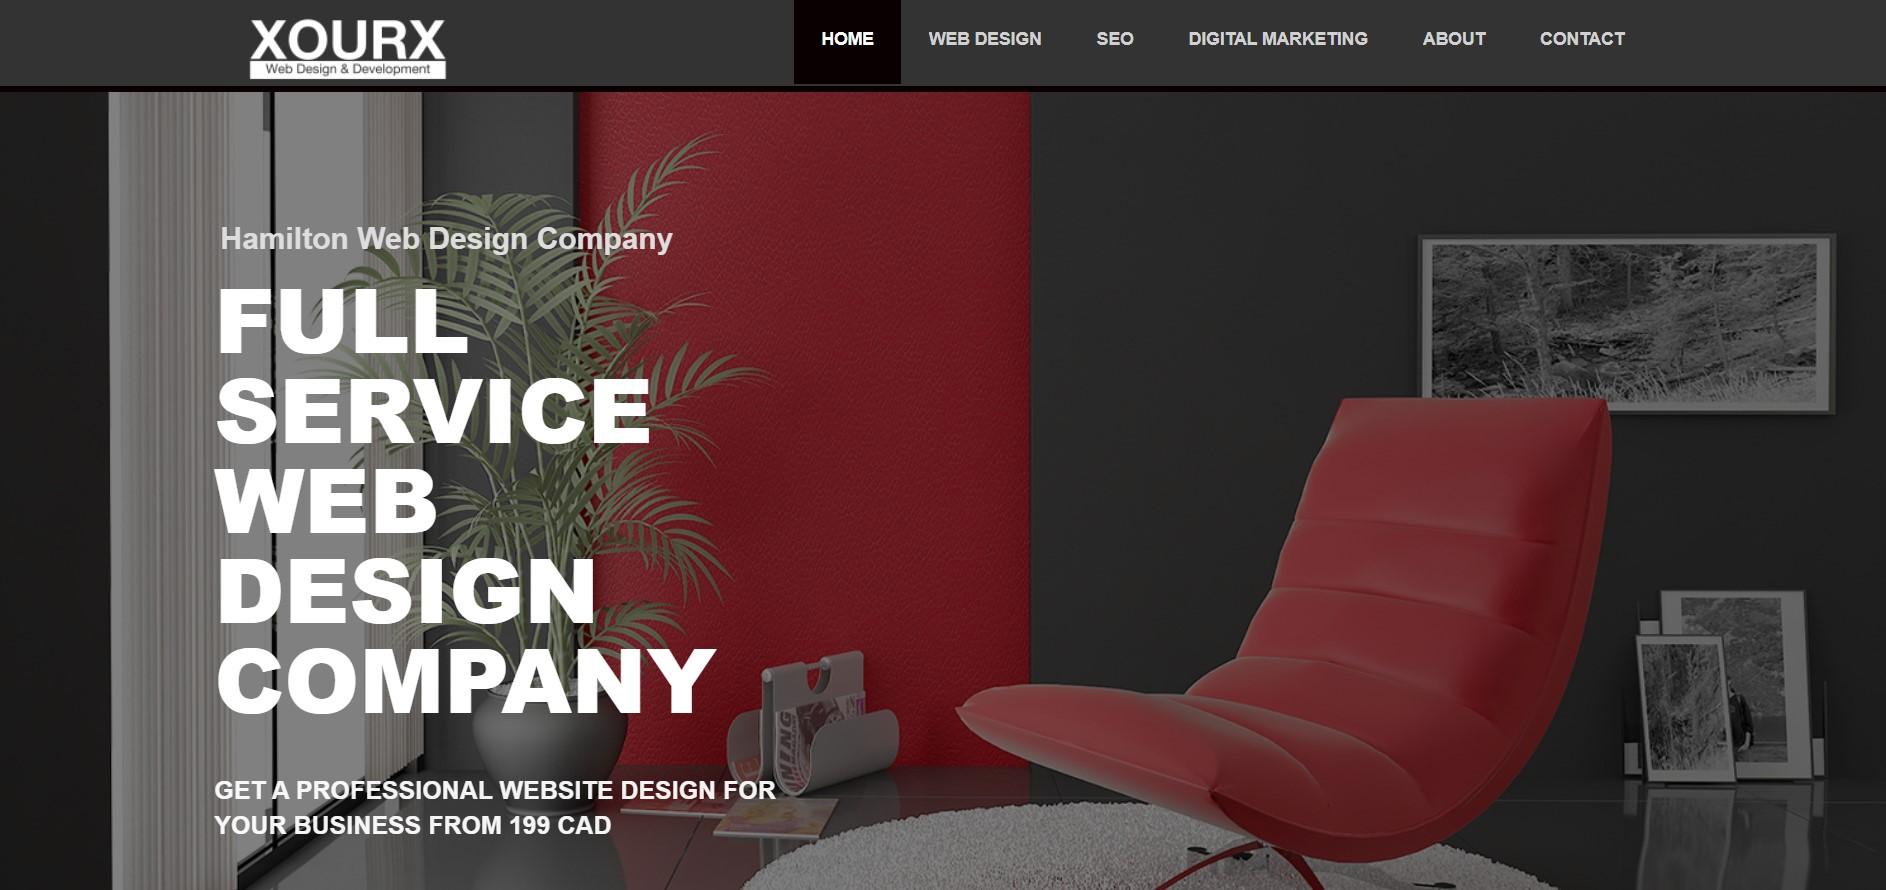 xourx web design web developer in hamilton